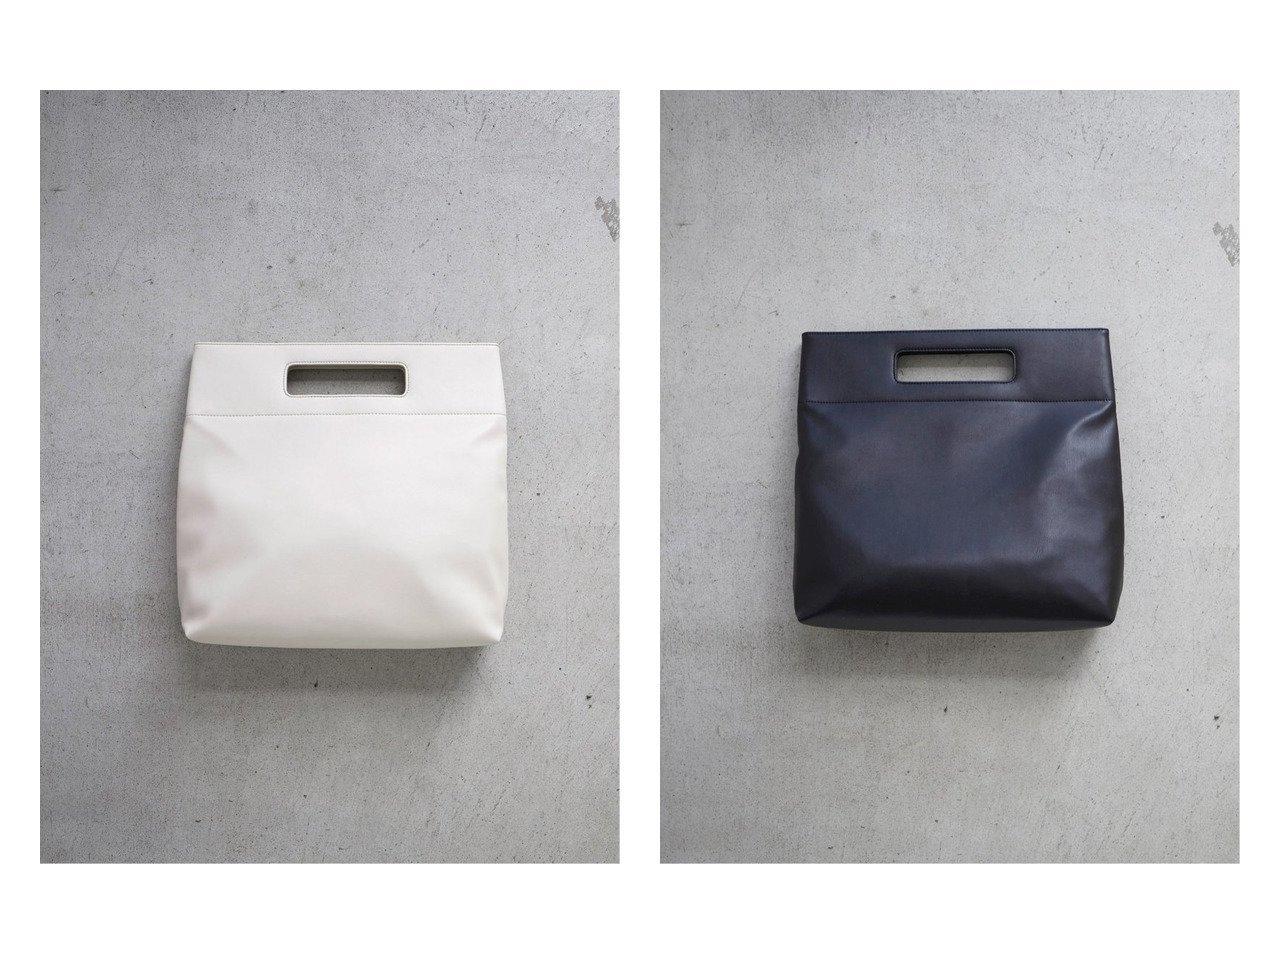 【TOPKAPI EFOLE/トプカピ エフォル】の2way クラッチ トートバッグ 【バッグ・鞄】おすすめ!人気、トレンド・レディースファッションの通販 おすすめで人気の流行・トレンド、ファッションの通販商品 メンズファッション・キッズファッション・インテリア・家具・レディースファッション・服の通販 founy(ファニー) https://founy.com/ ファッション Fashion レディースファッション WOMEN バッグ Bag おすすめ Recommend クラッチ シンプル スクエア フェイクレザー ベーシック  ID:crp329100000029235